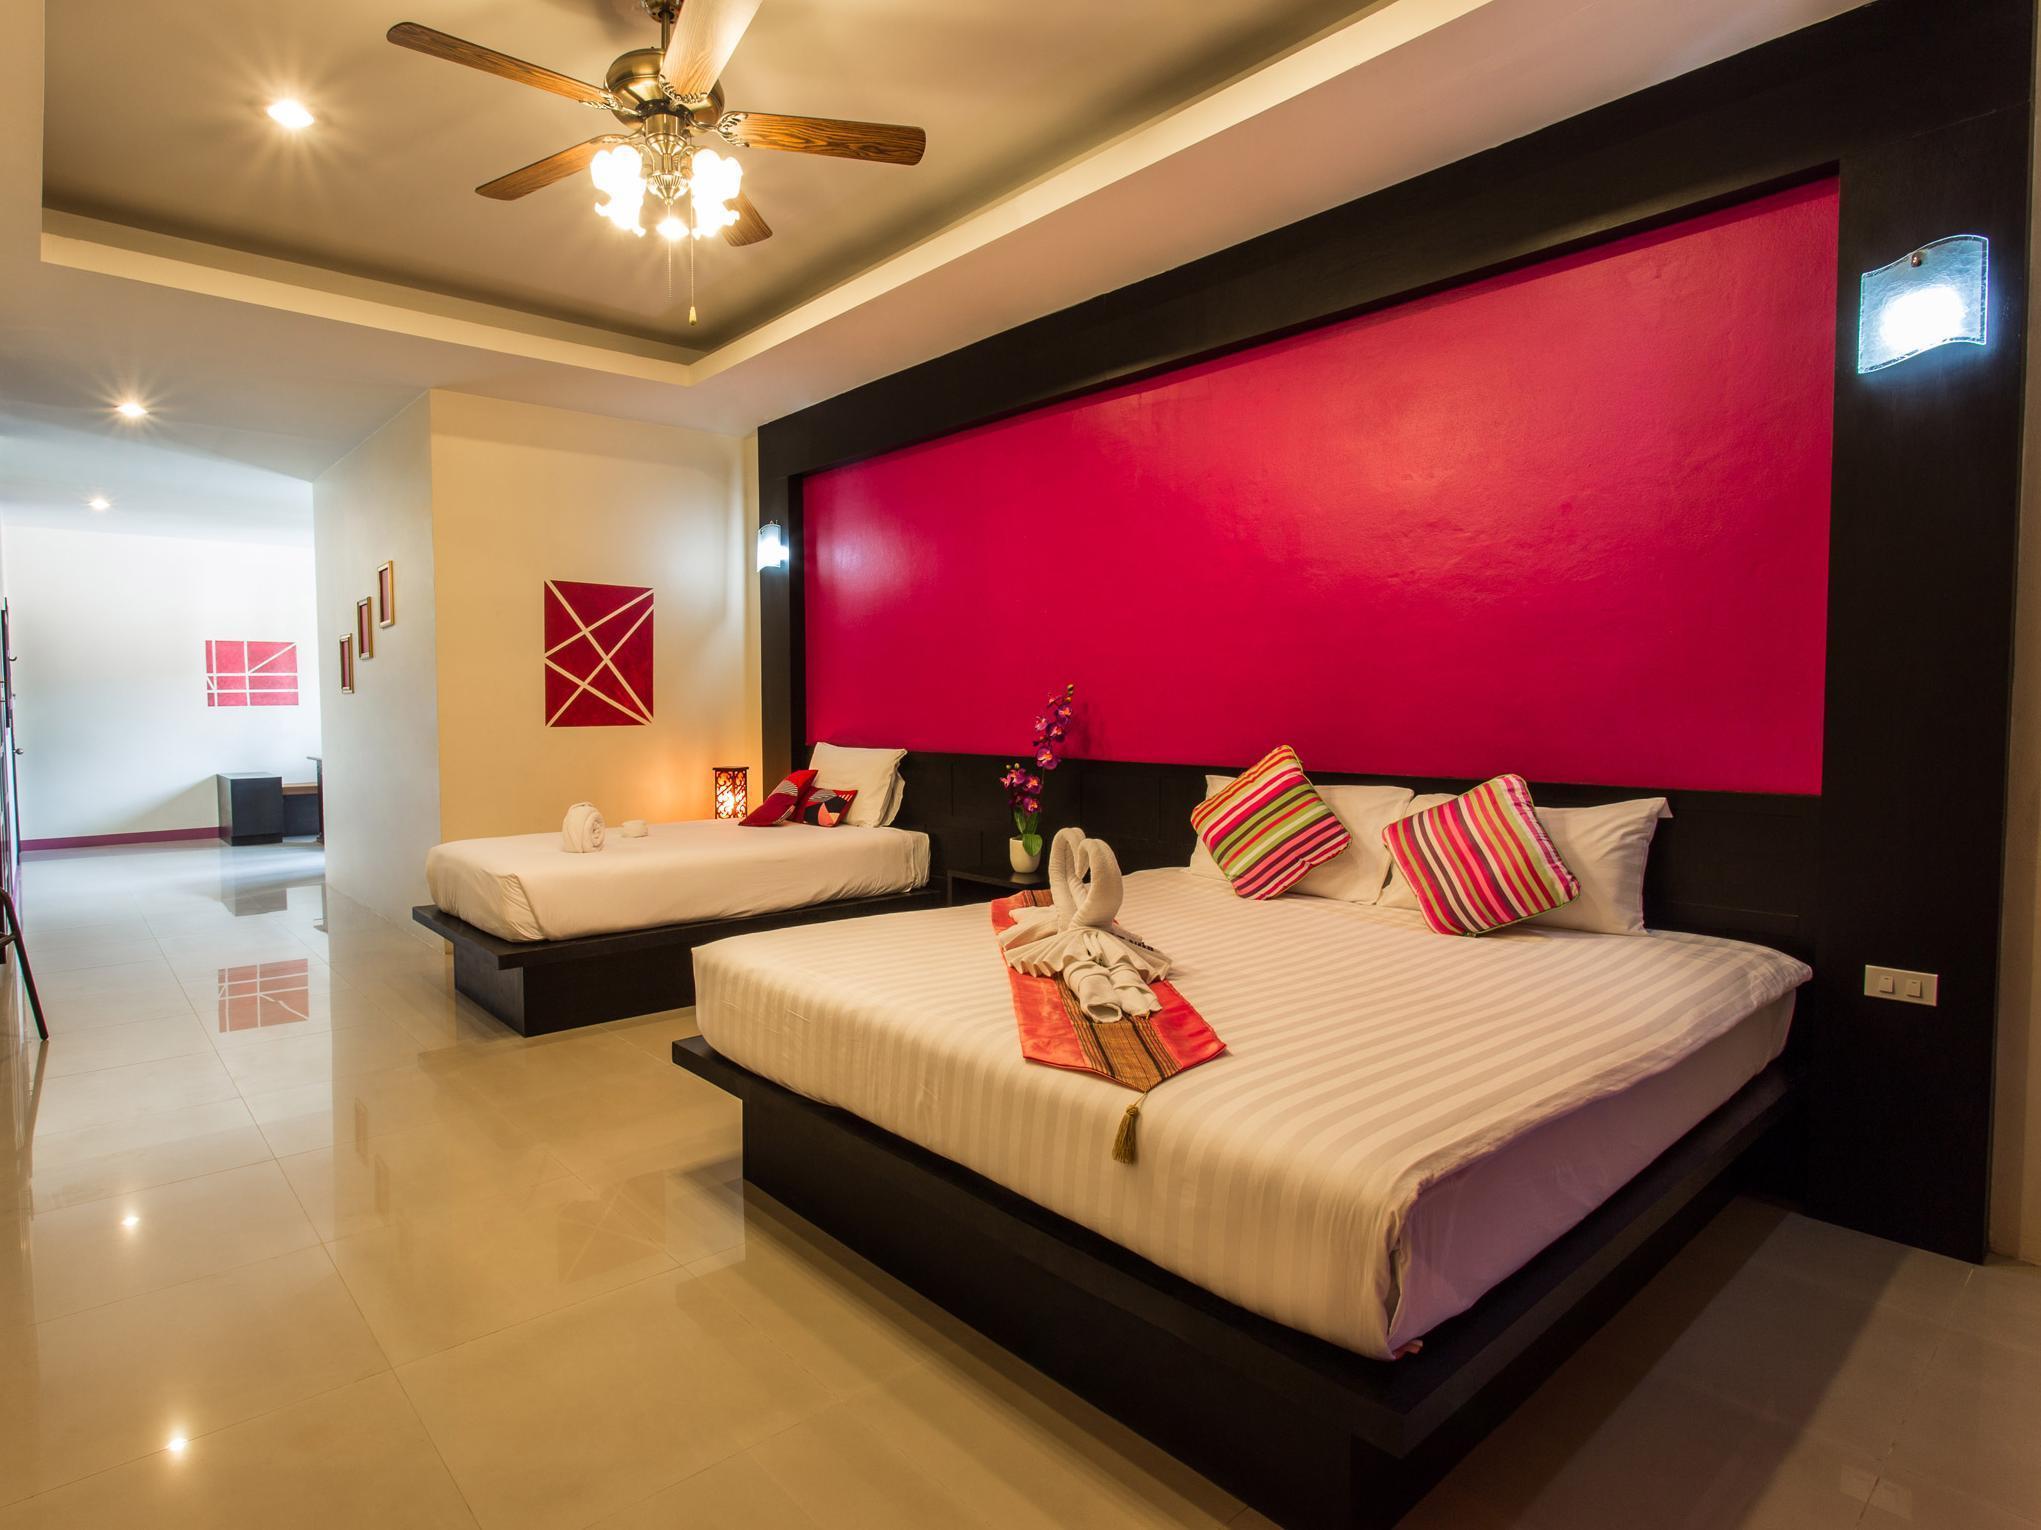 Lavender Hotel - Hotell och Boende i Thailand i Asien